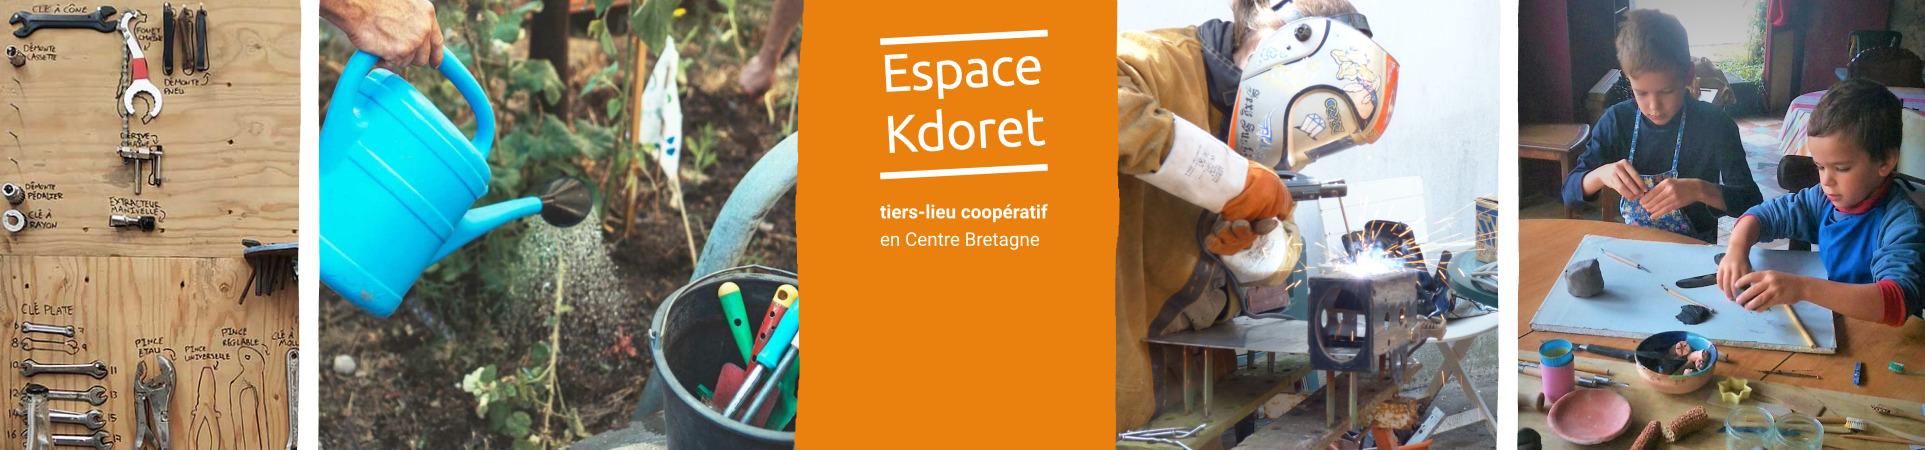 Espace Kdoret - Des savoir-faire, des rencontres, du partage !